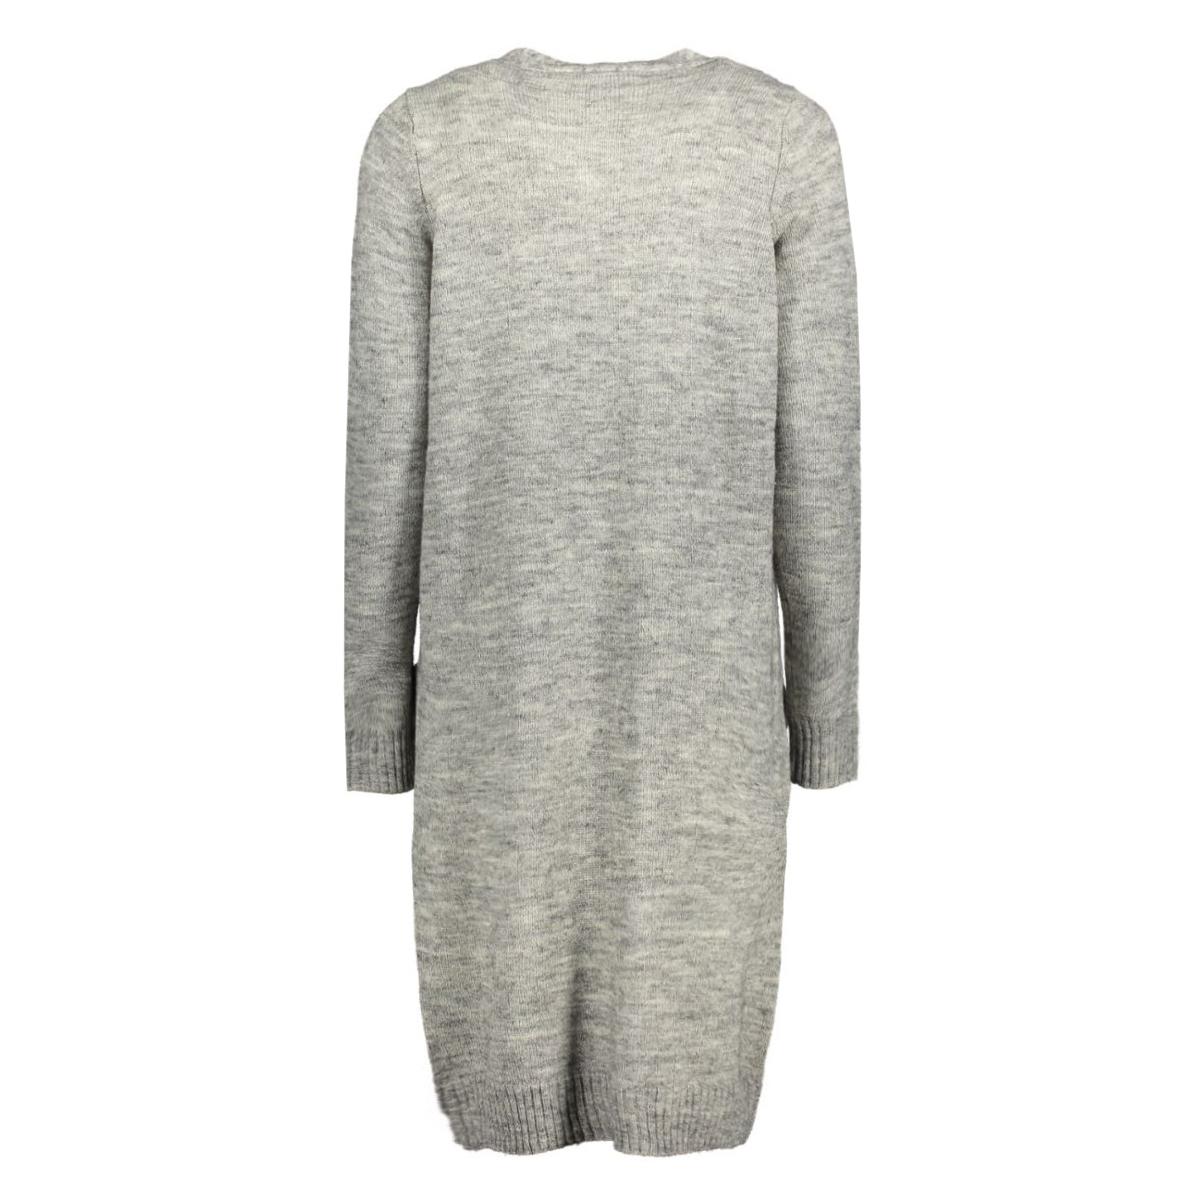 onlnew hayley l/s long cardigan knt 15126884 only vest light grey melange